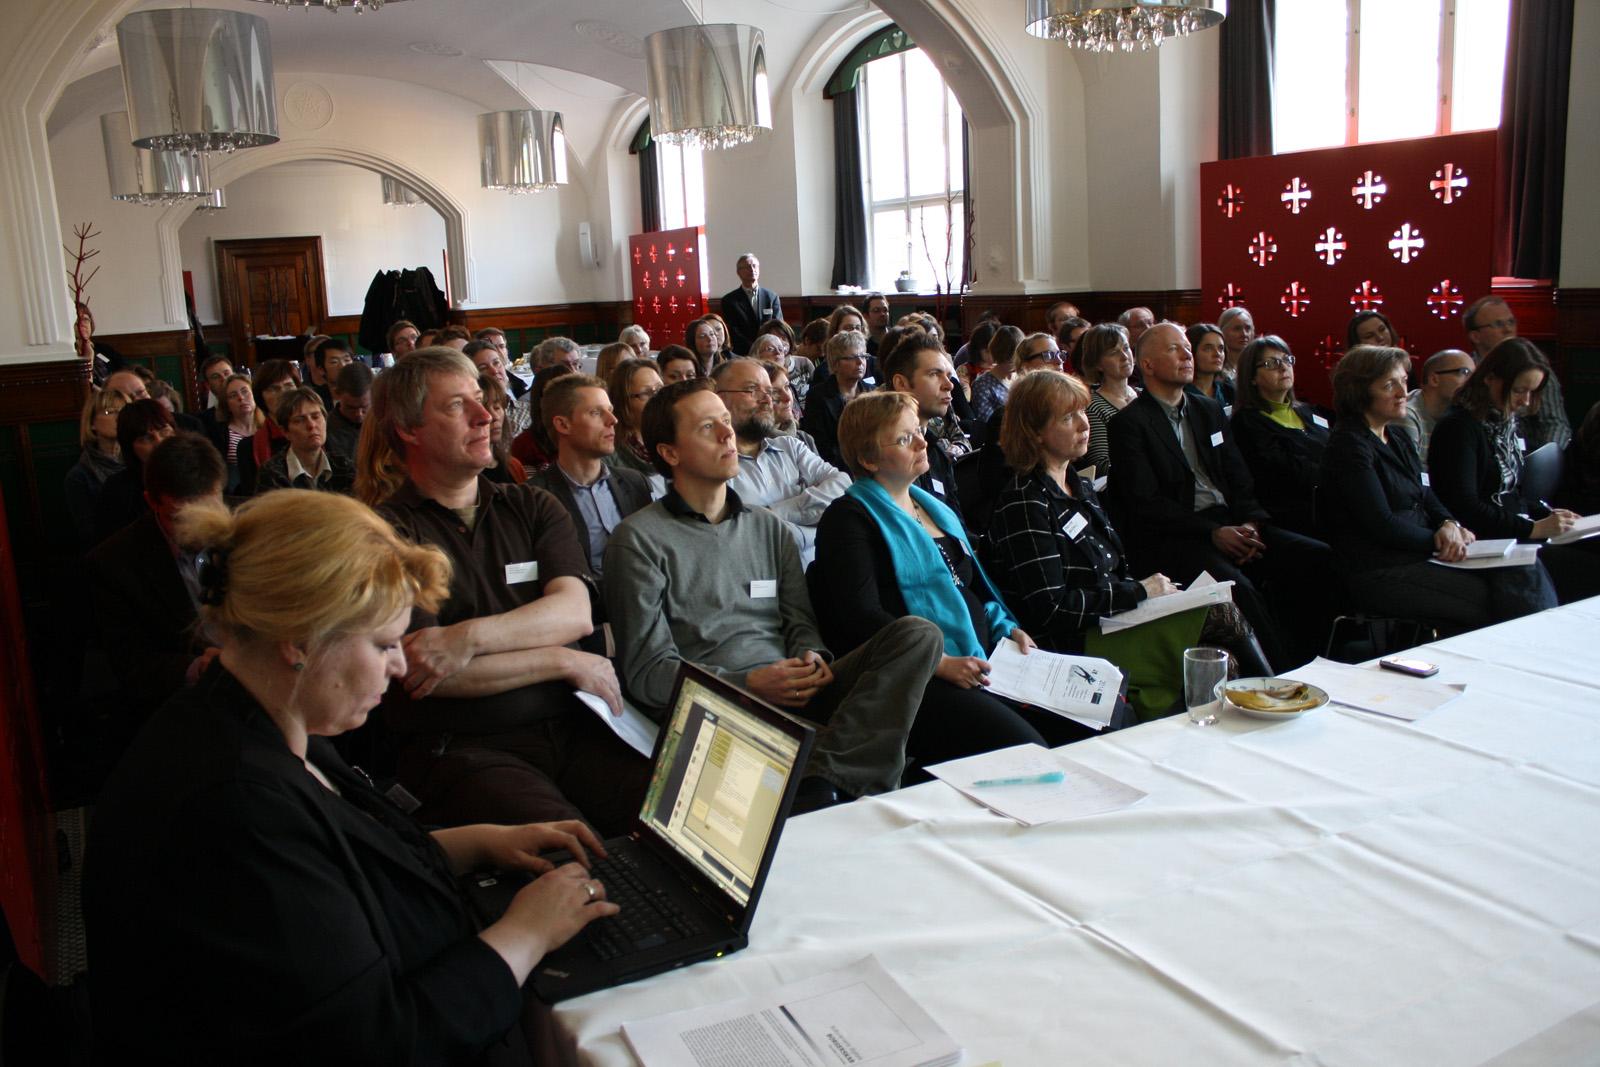 CSHJ mikrobloggede fra konferencen til glæde for kolleger i ind- og udland